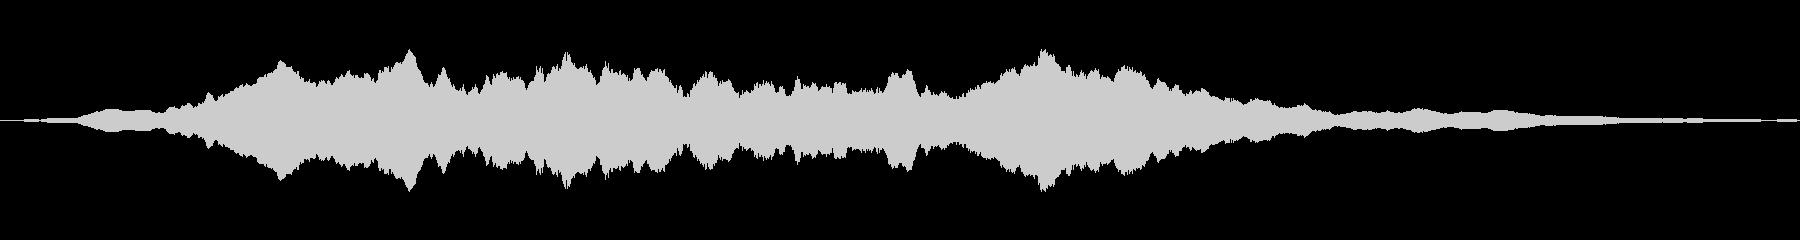 鋭い リンギングブリッターハーモニ...の未再生の波形